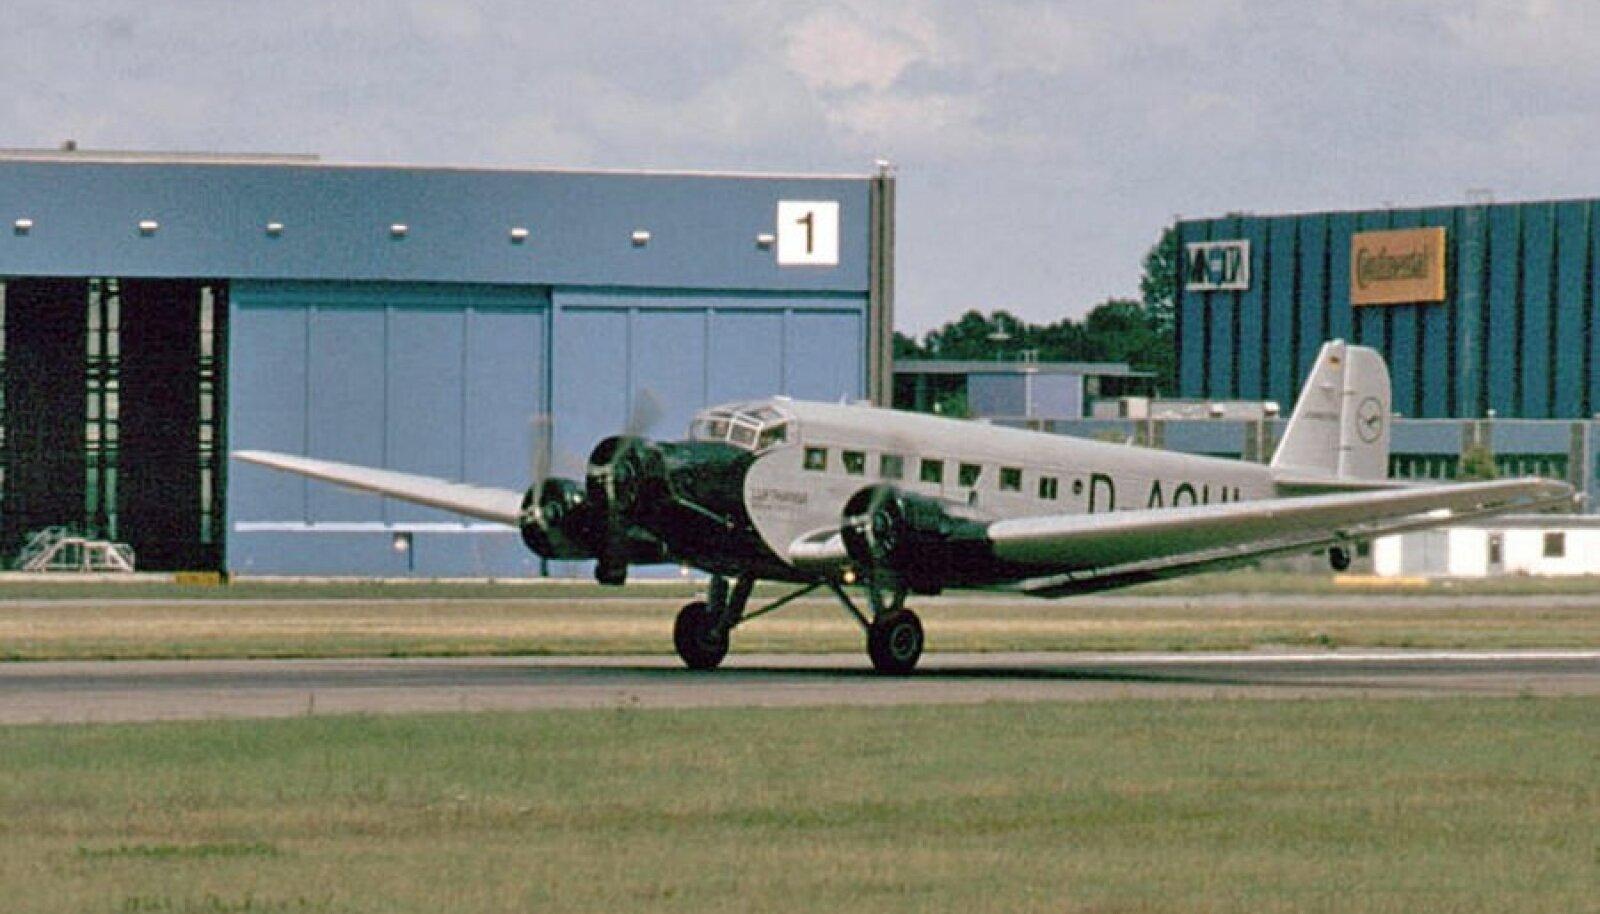 Junkersi  Ju-52/3M tüüpi reisilennuk, antud pildil Lufthansa värvides.